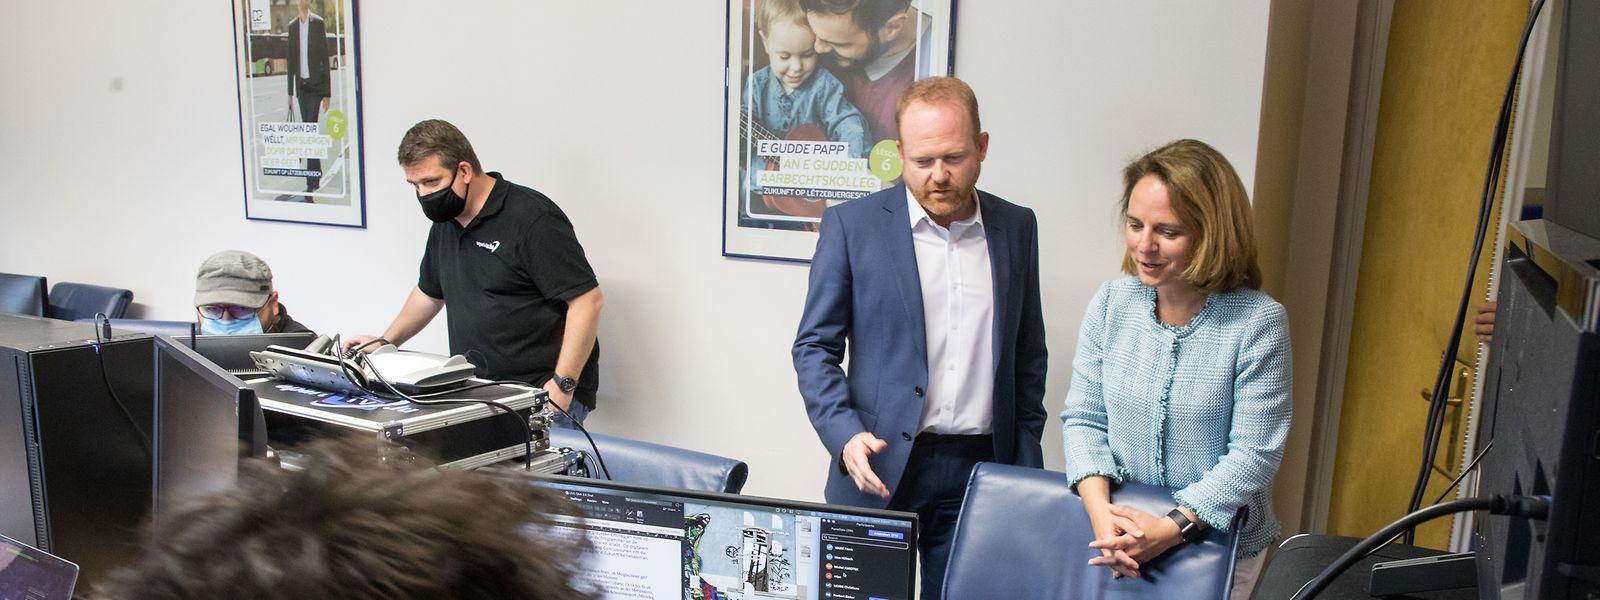 Parteipräsidentin Corinne Cahen und Generalsekretär Claude Lamberty inspizieren die Technik, die den digitalen Kongress erst möglich macht.